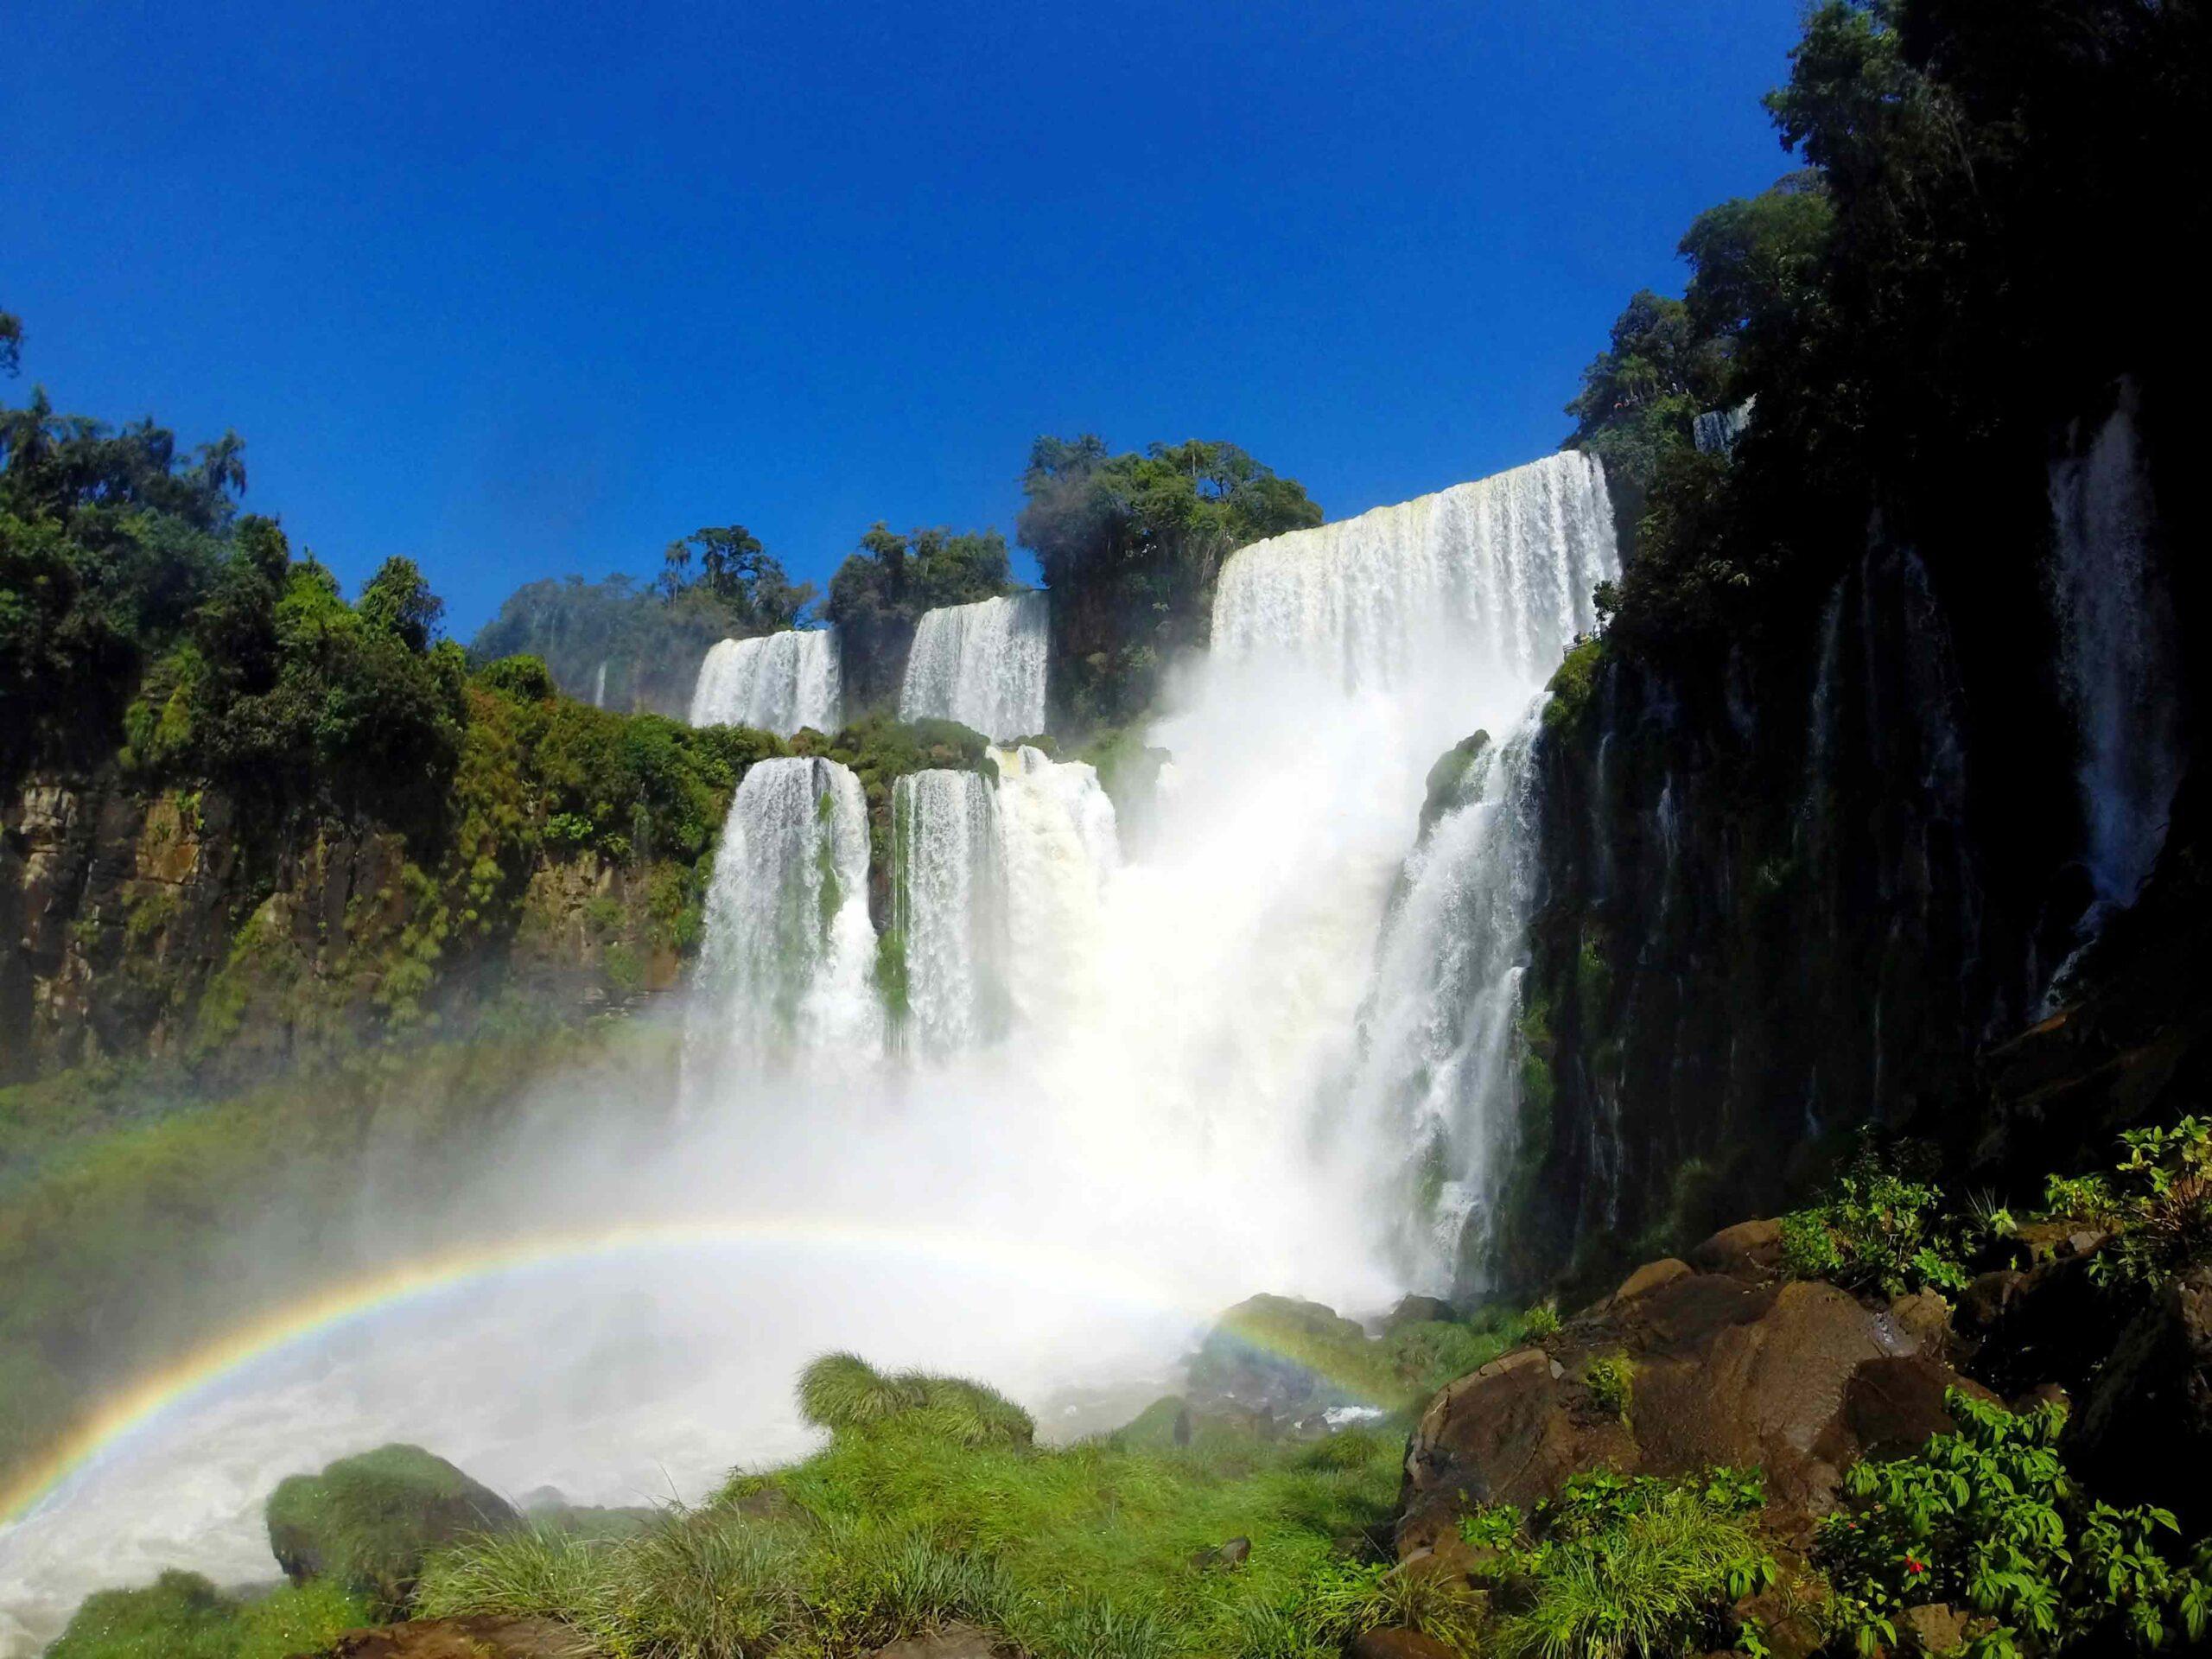 Rainbow at the Iguazu Falls in Argentina